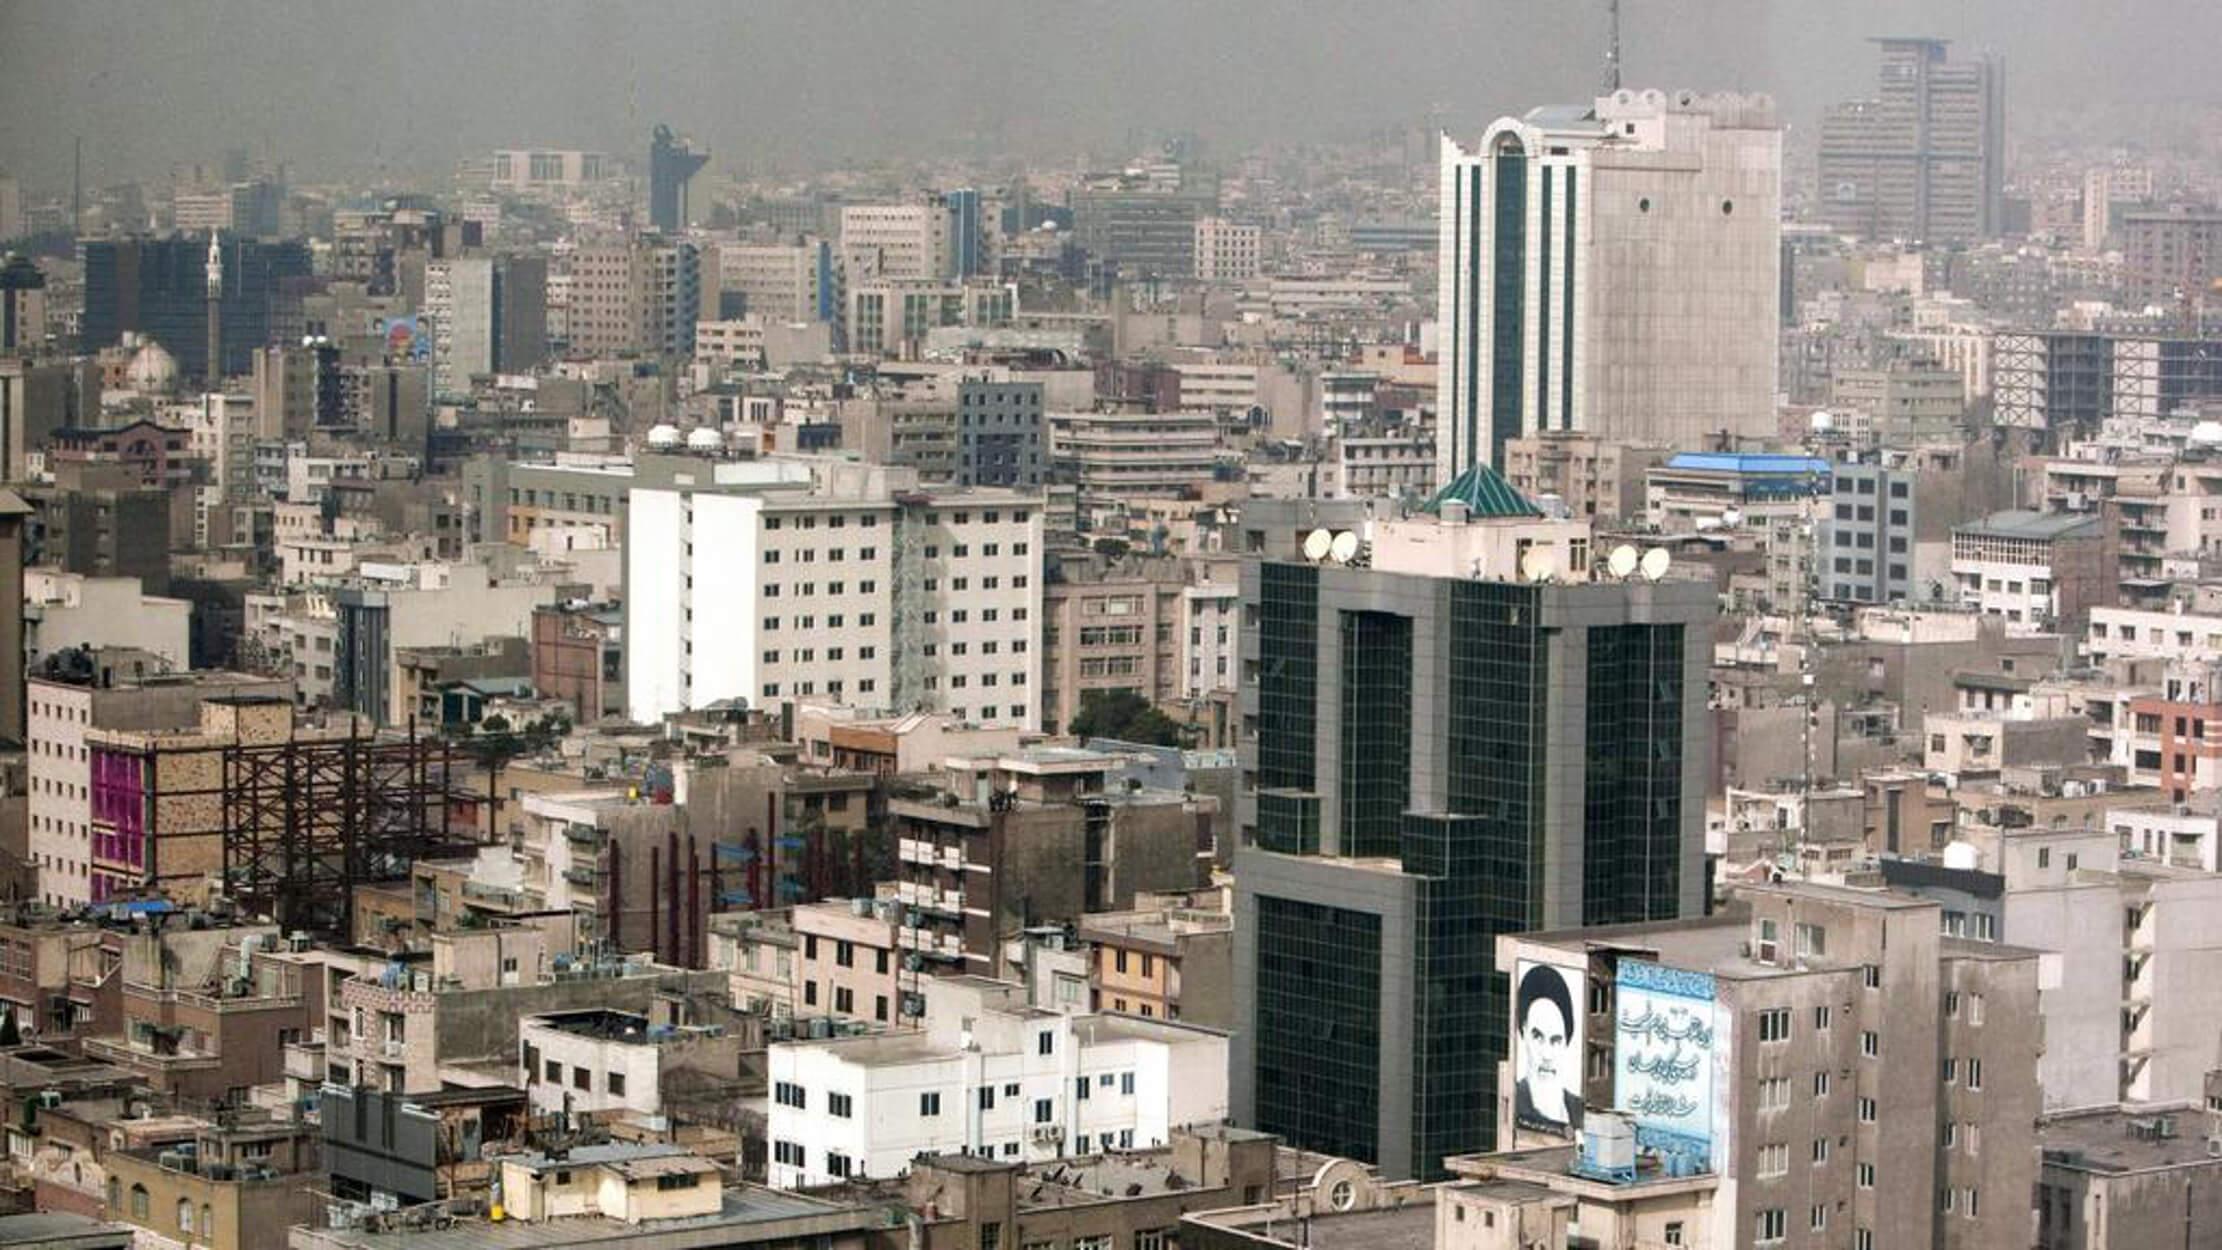 """Τεχεράνη: Λουκέτο σε 547 εστιατόρια και καφετέριες επειδή… προσέβαλαν την """"ισλαμική ηθική"""""""